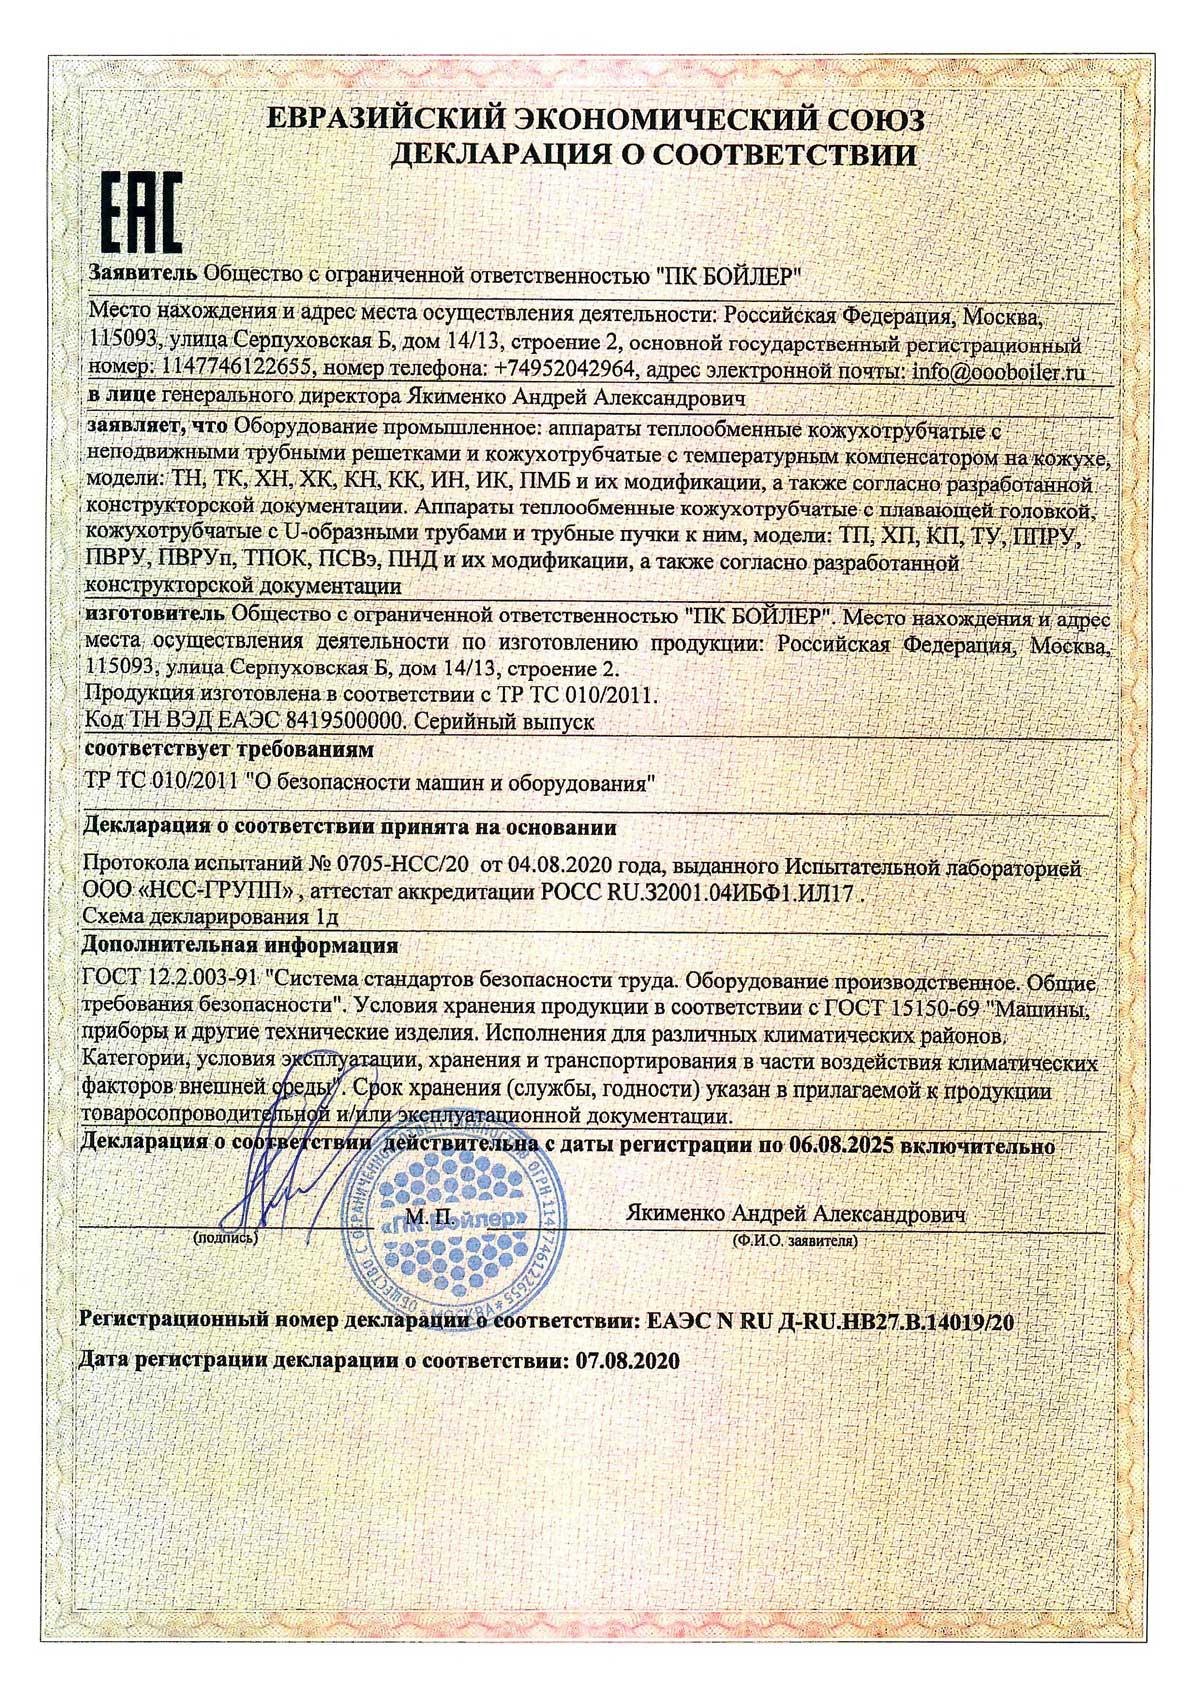 Декларация о соответствии ТР ТС 010/2011 на аппараты теплообменные кожухотрубчатые с неподвижными трубными решетками